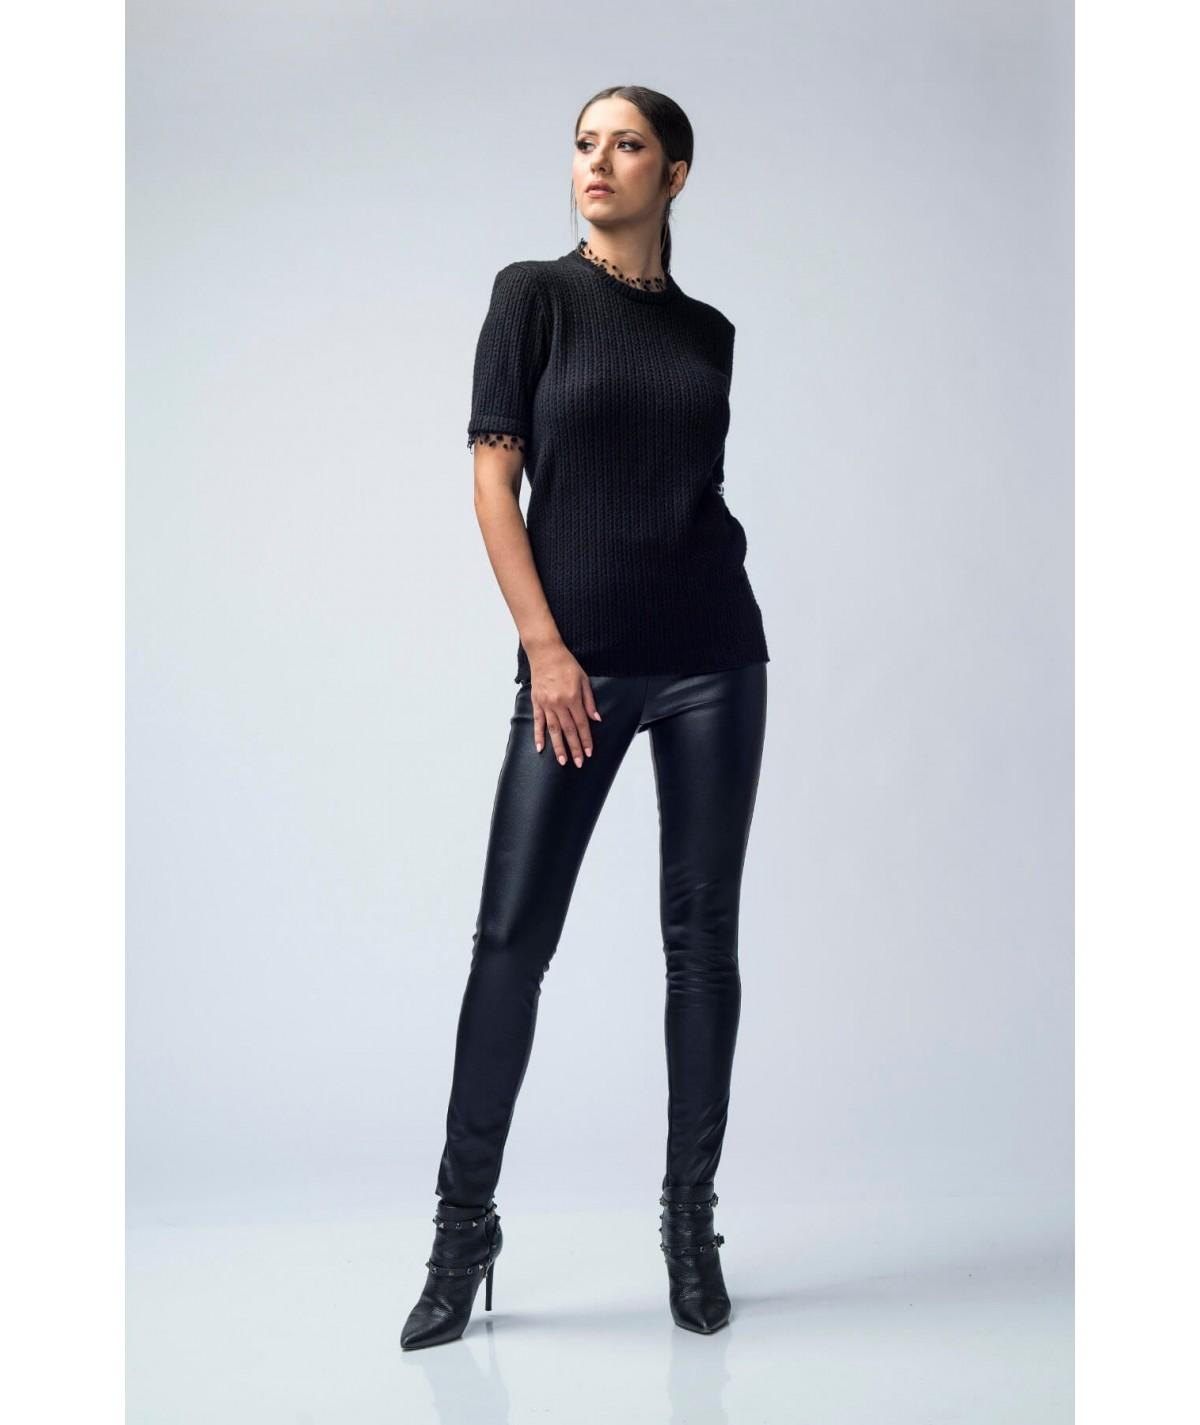 Women's leggings made of...